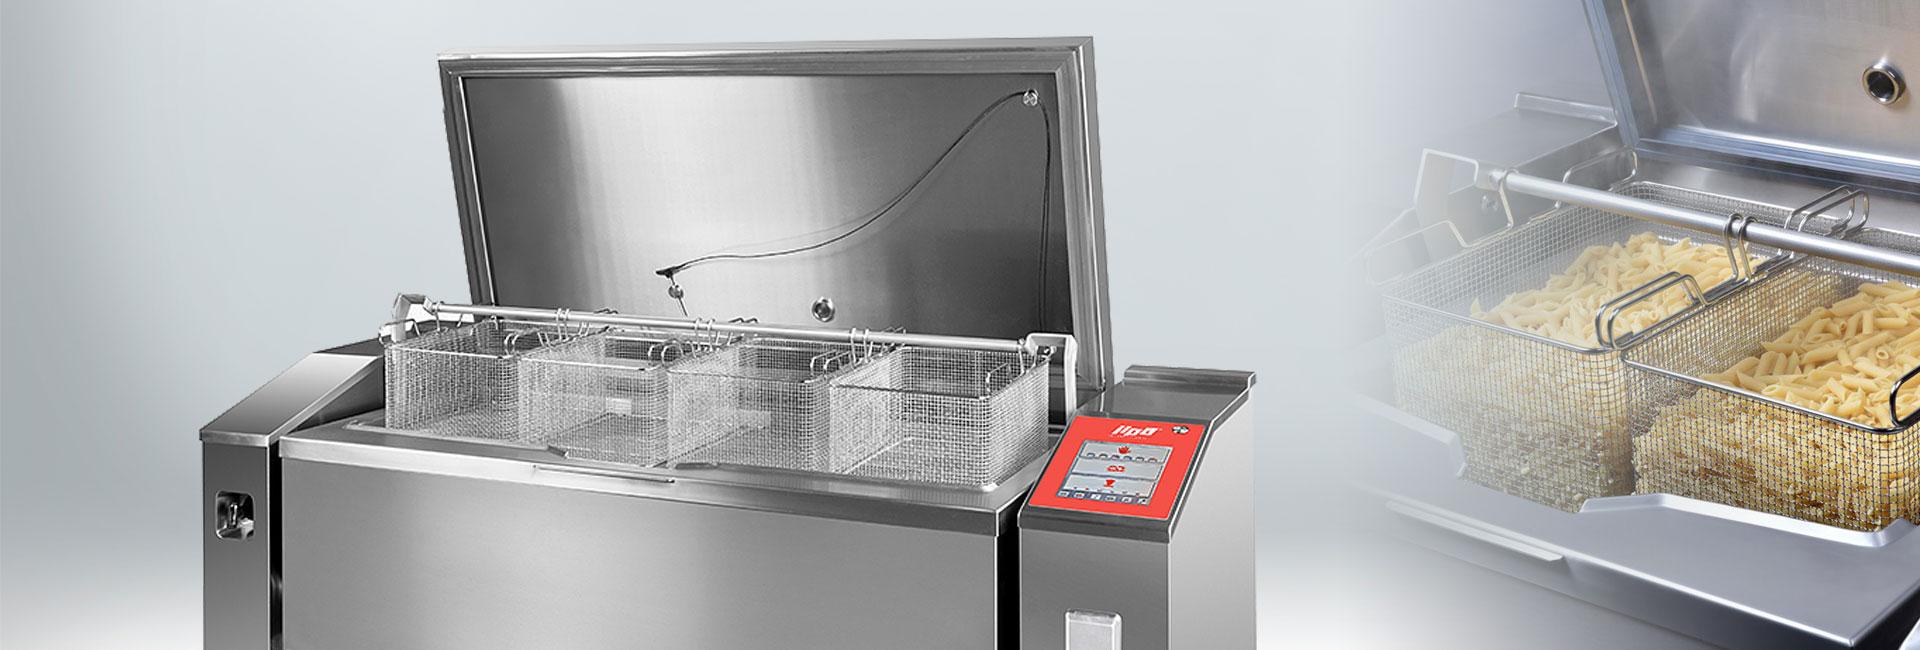 gastromické elektrické multifunkční zařízení na vaření a přípravu pokrmů